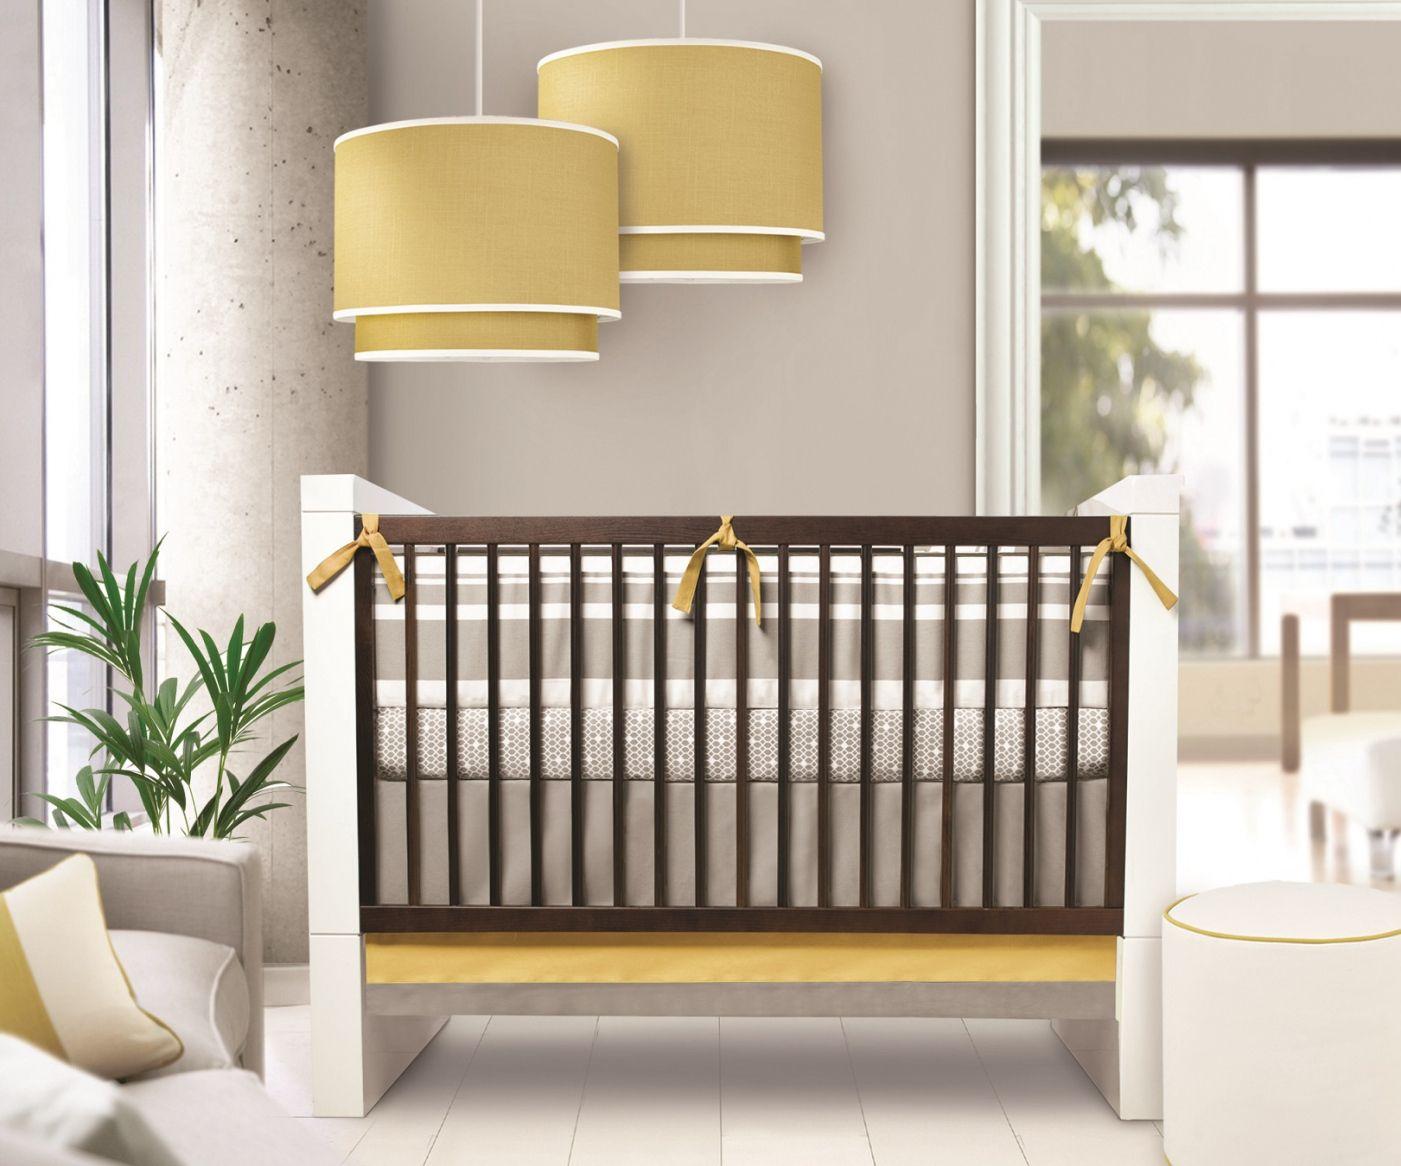 30 Baby Furniture Costco - Interior Design Ideas Bedroom Check more ...